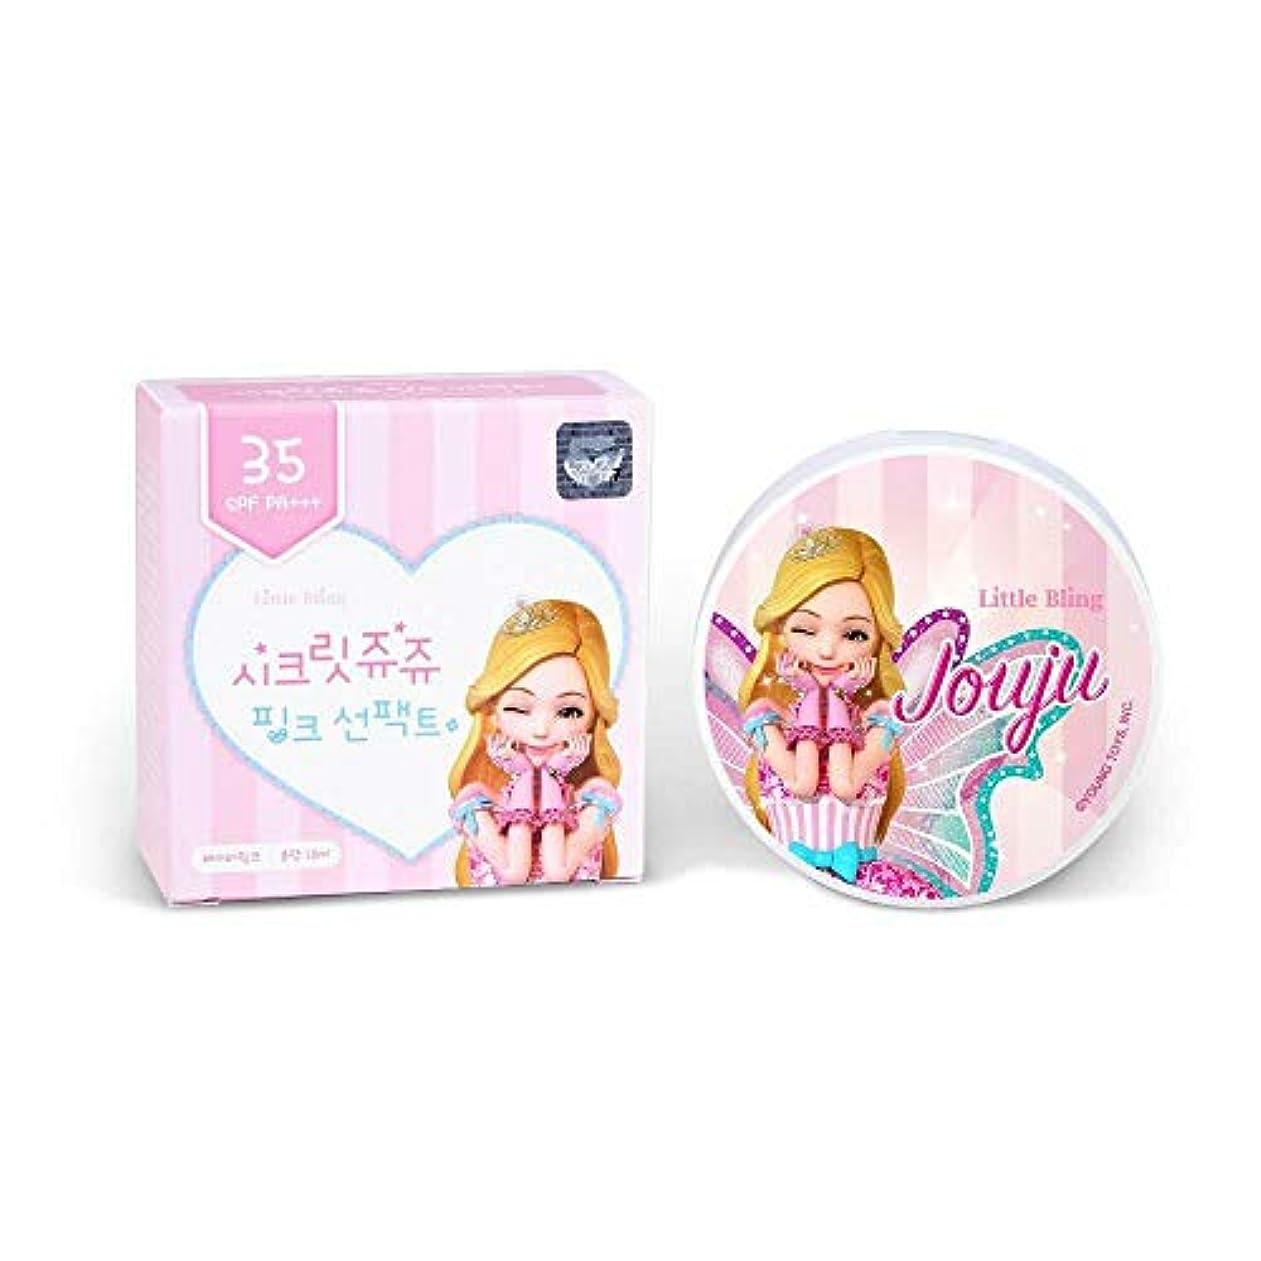 印象解釈感嘆符Little Bling Secret Jouju Pink Sun Pact ピンク サンパクト SPF35 PA+++ 韓国日焼け止め